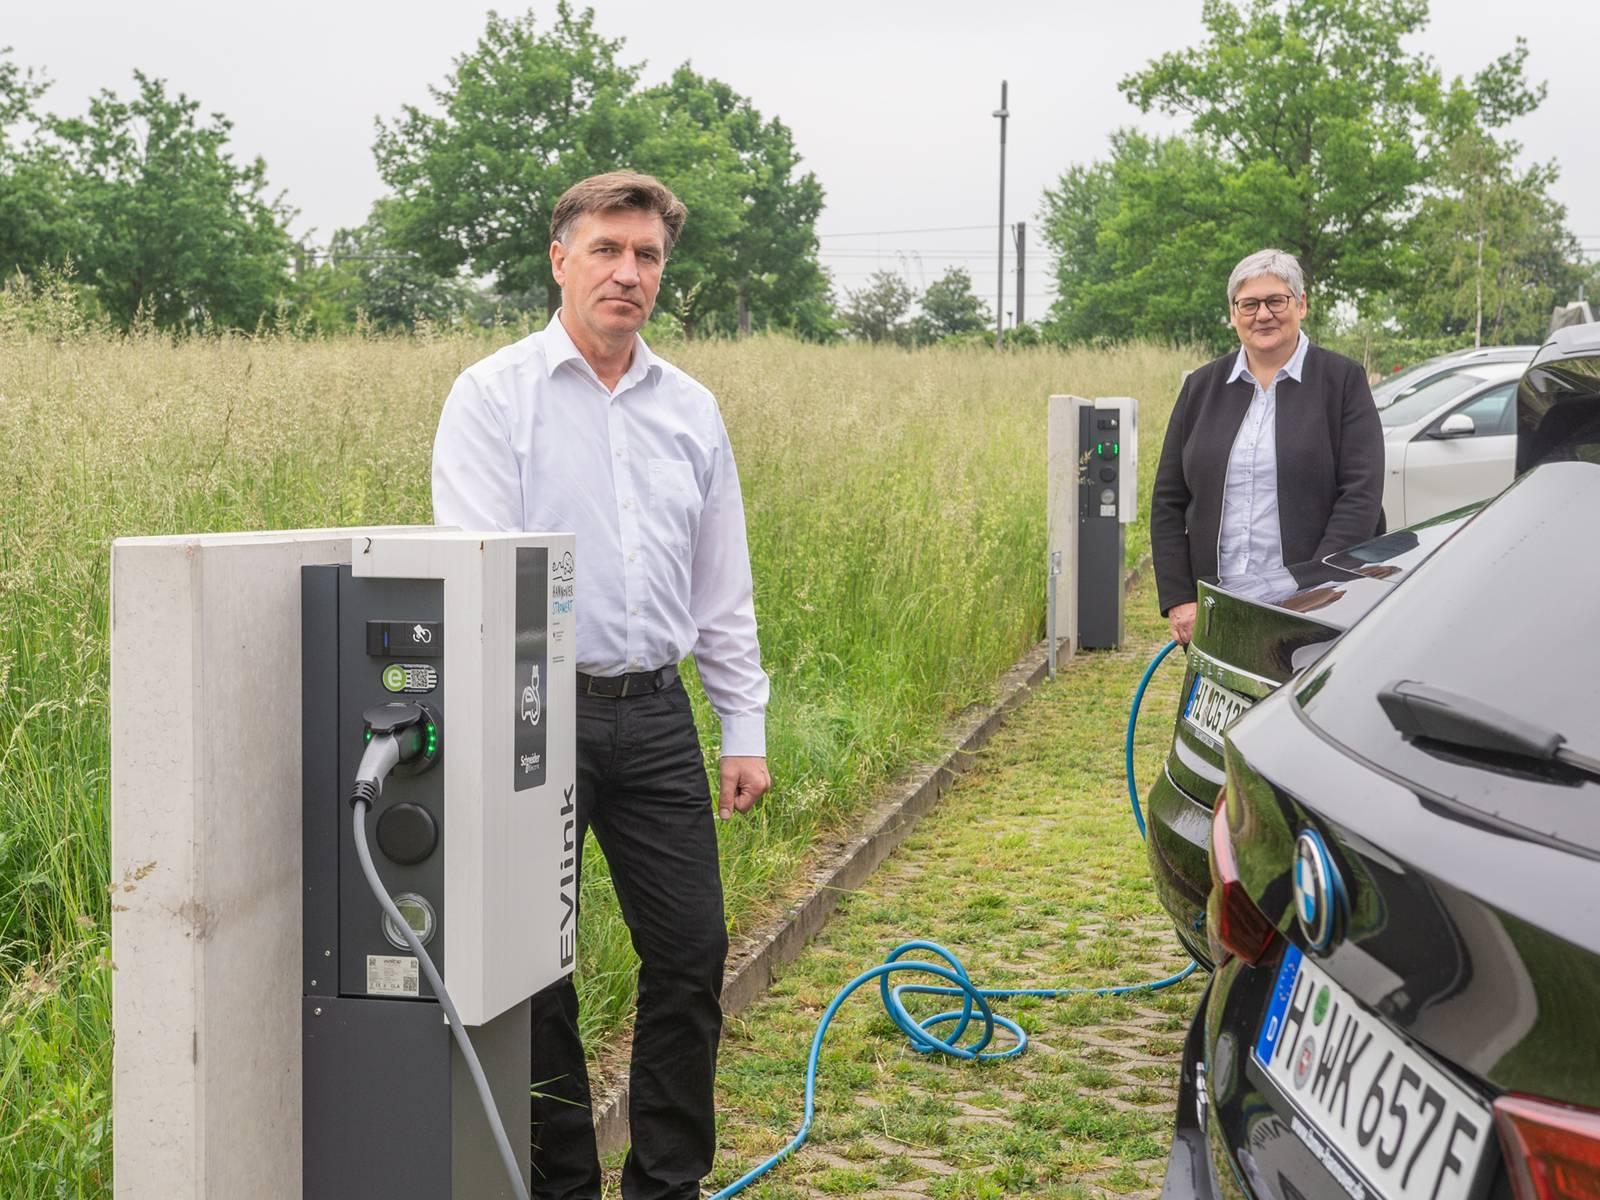 Ein Mann und eine Frau stehen an Ladesäulen für Elektroautos, die gerade angeschlossen sind